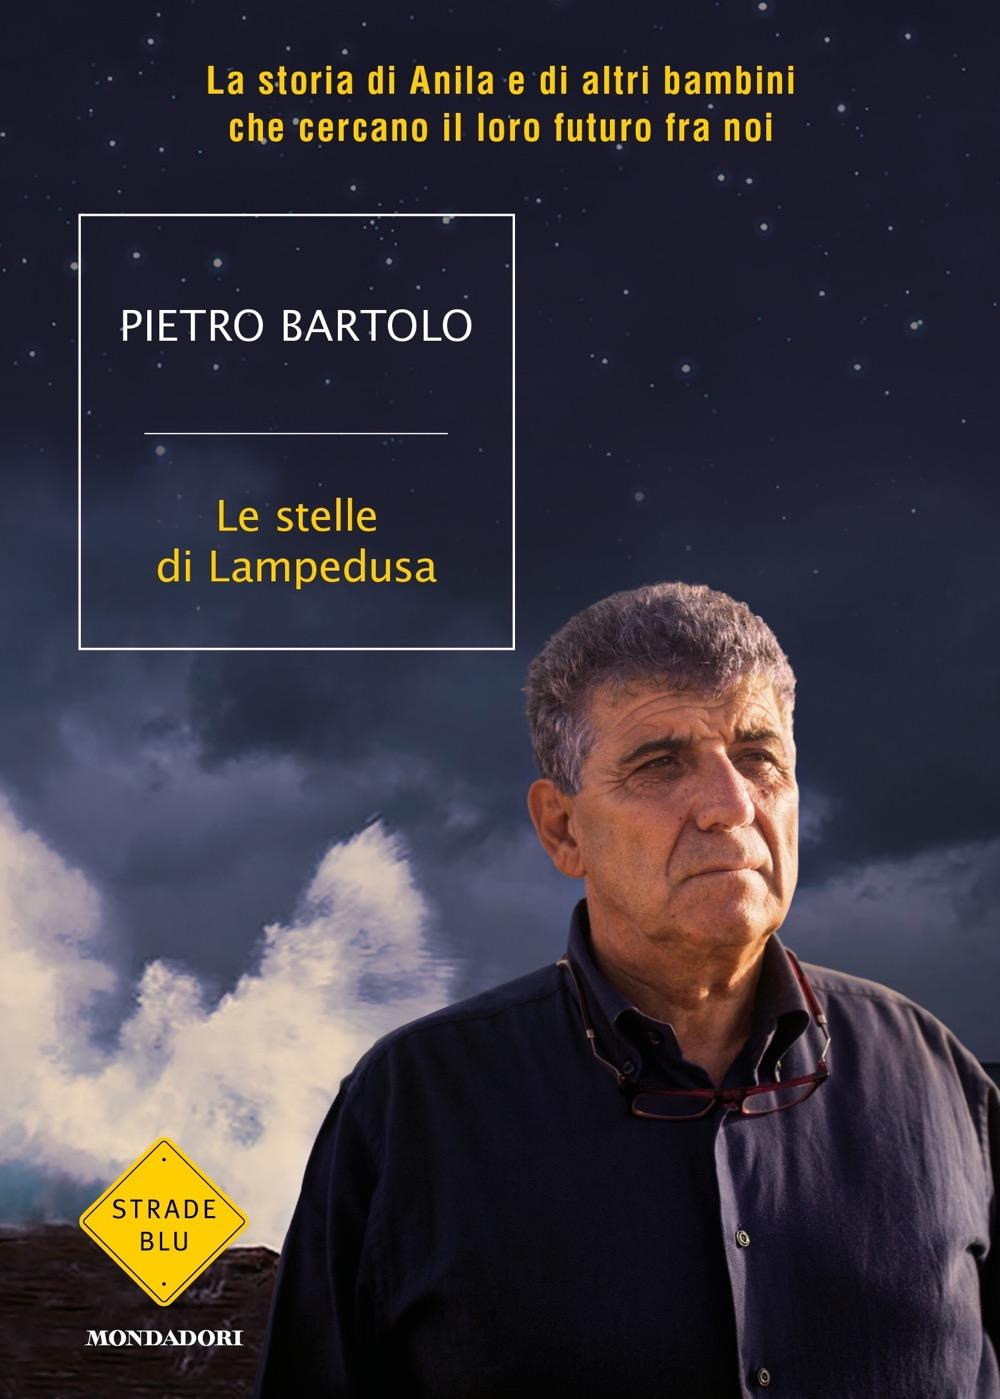 """PIETRO BARTOLO – """"Le stelle di Lampedusa;"""""""